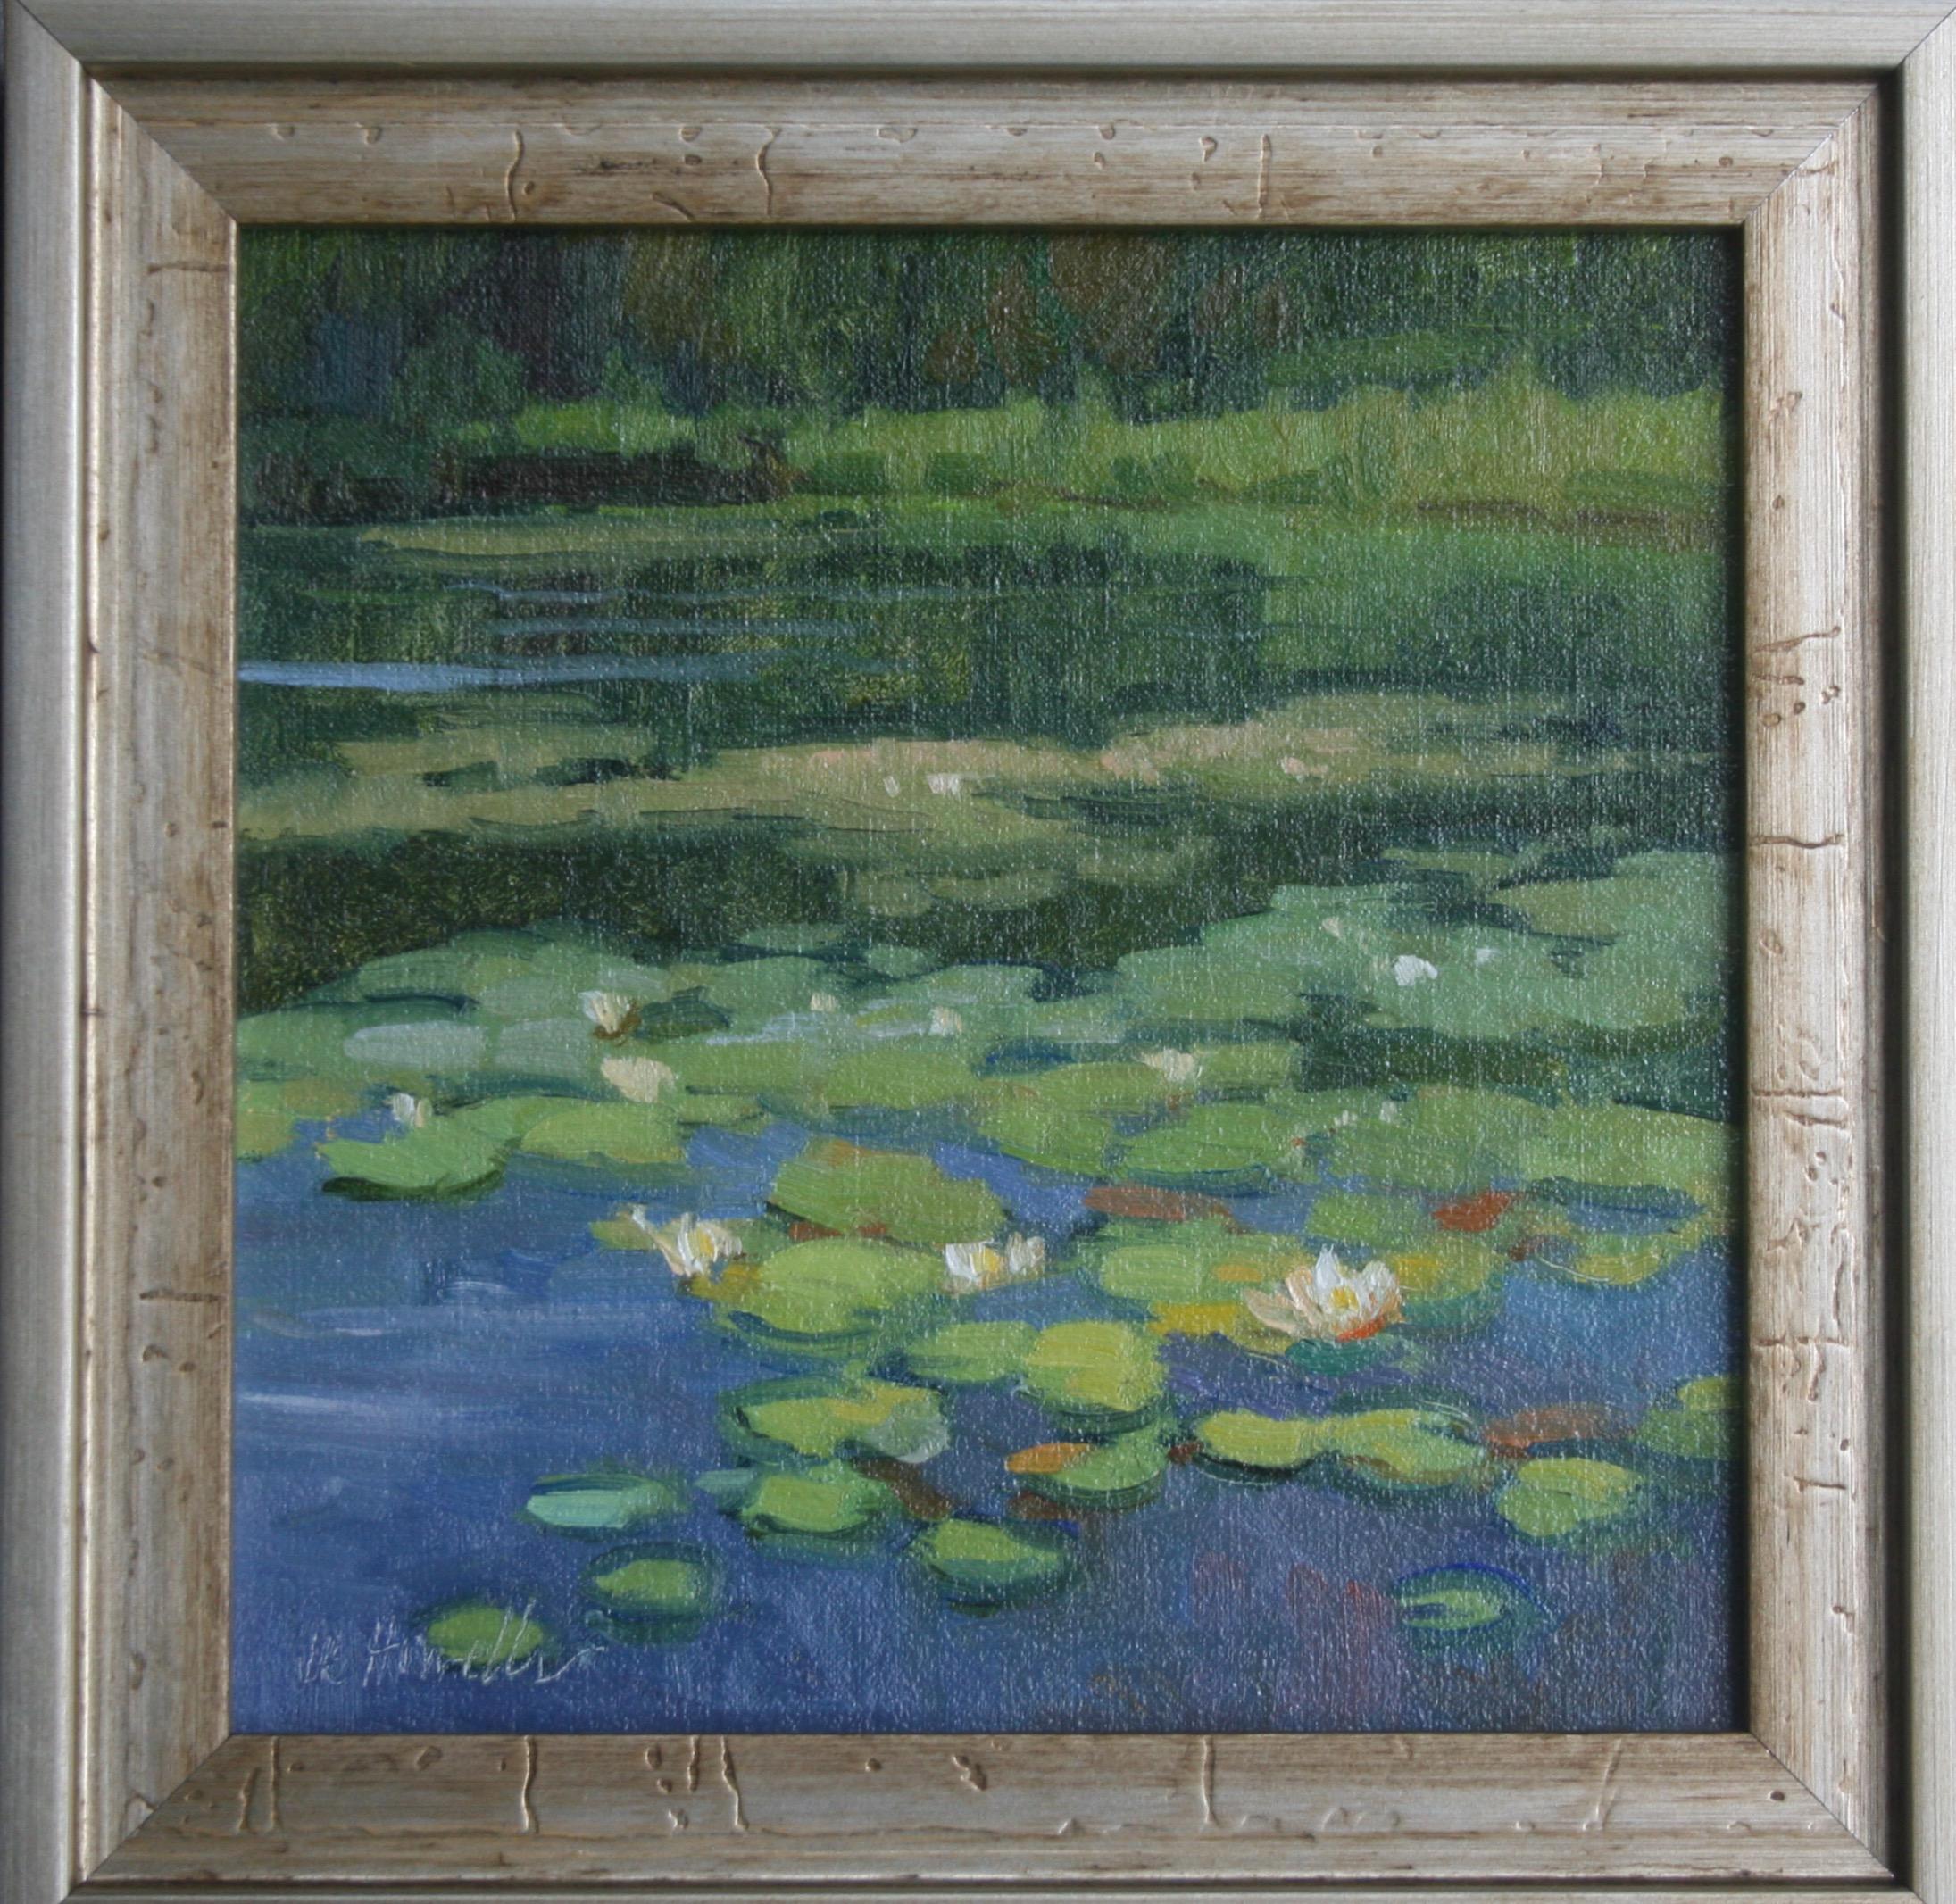 Judy Howells, Duarte's Pond